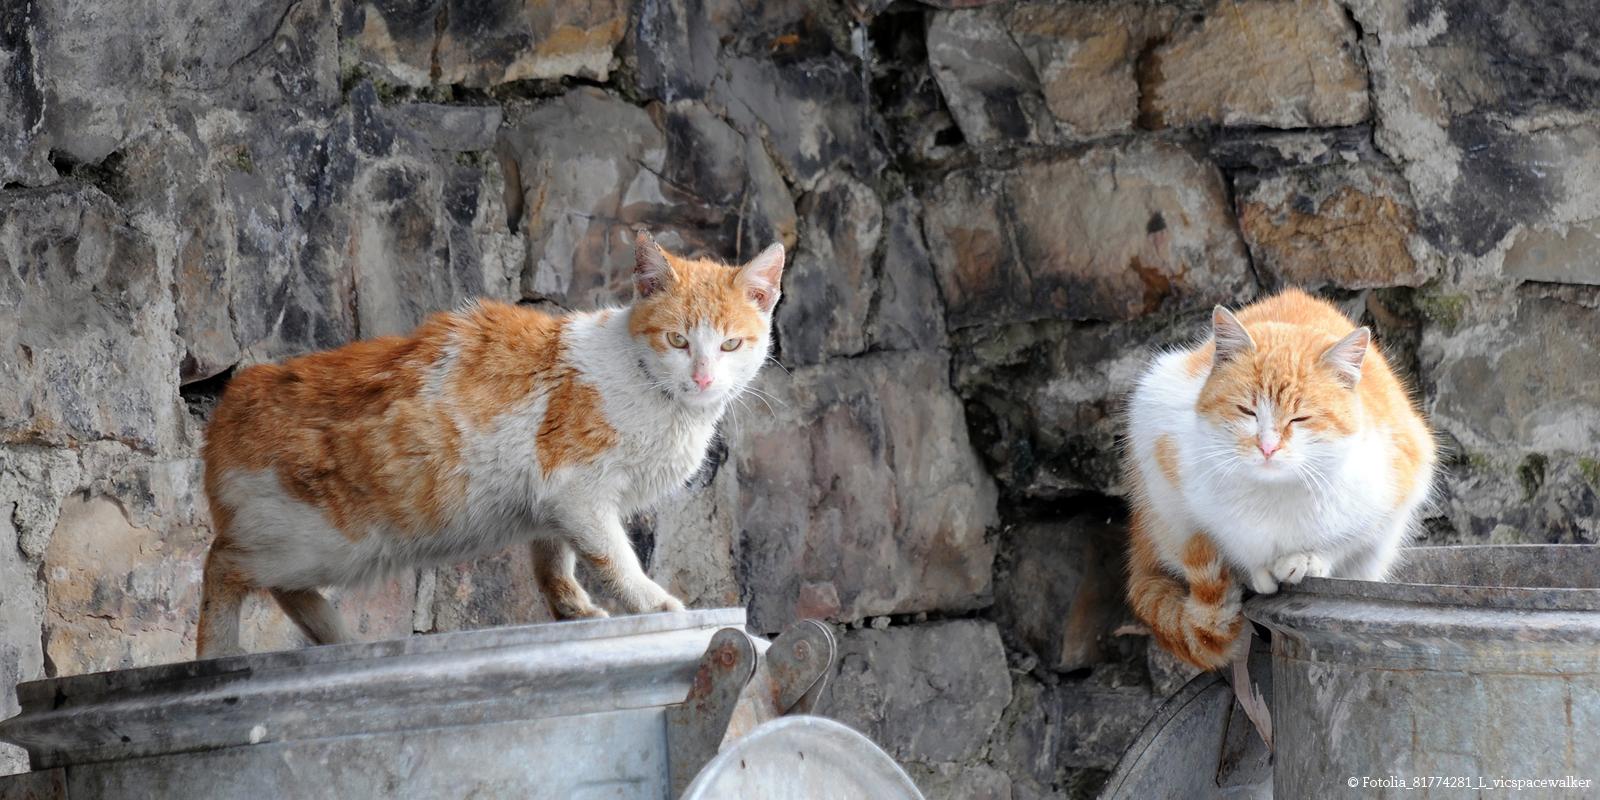 Katzenrettung in Bulgarien: In Plowdiw leben Schätzungen zufolge rund 10.000 Streunerkatzen